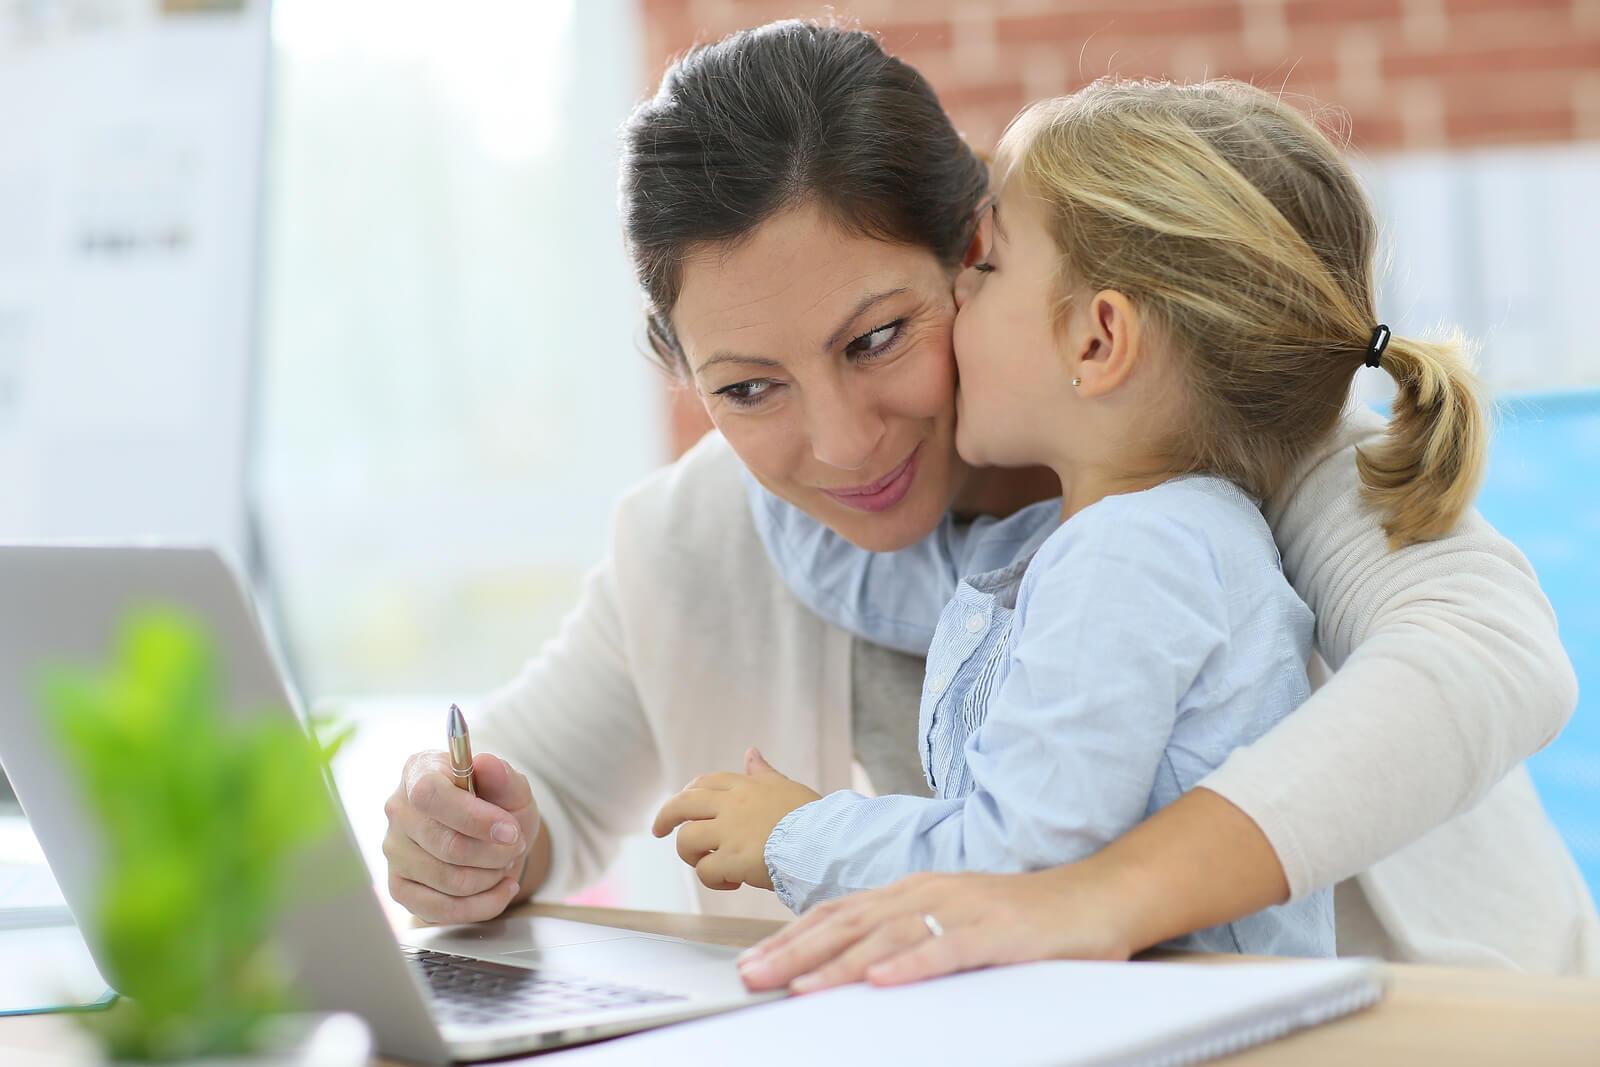 Phụ nữ phải làm gì để cân bằng giữa công việc và gia đình? - Ảnh 3